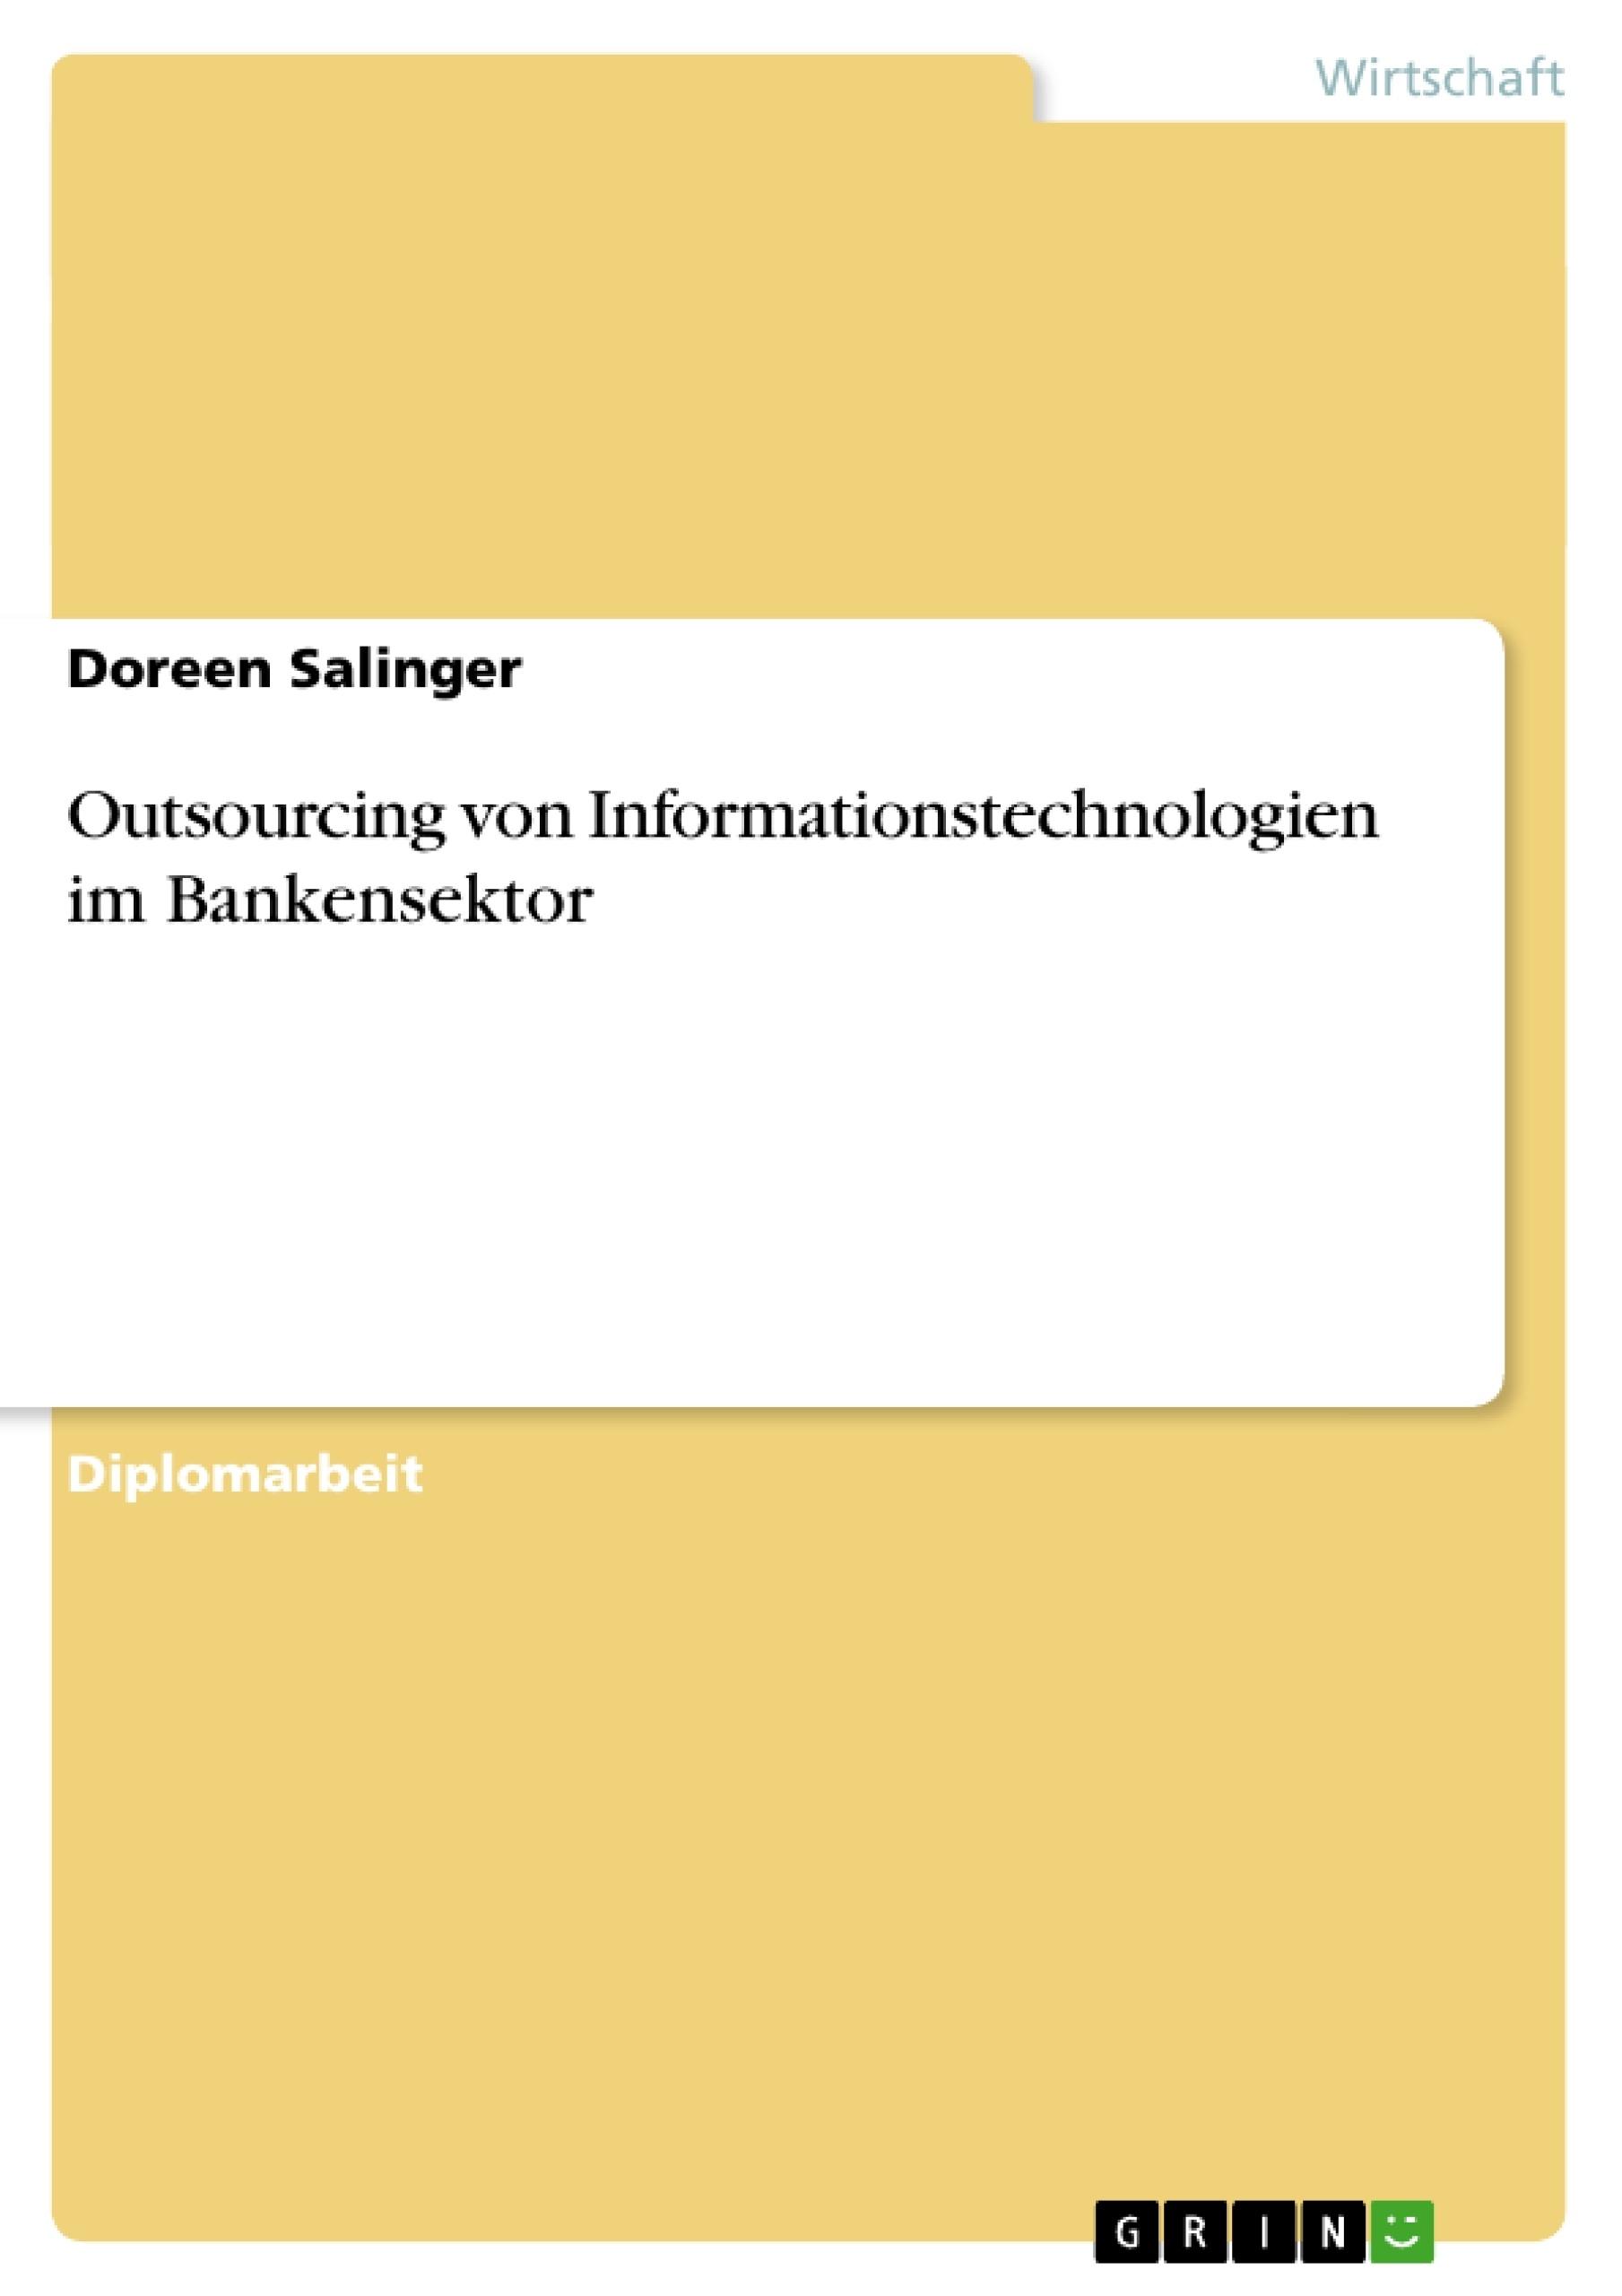 Titel: Outsourcing von Informationstechnologien im Bankensektor